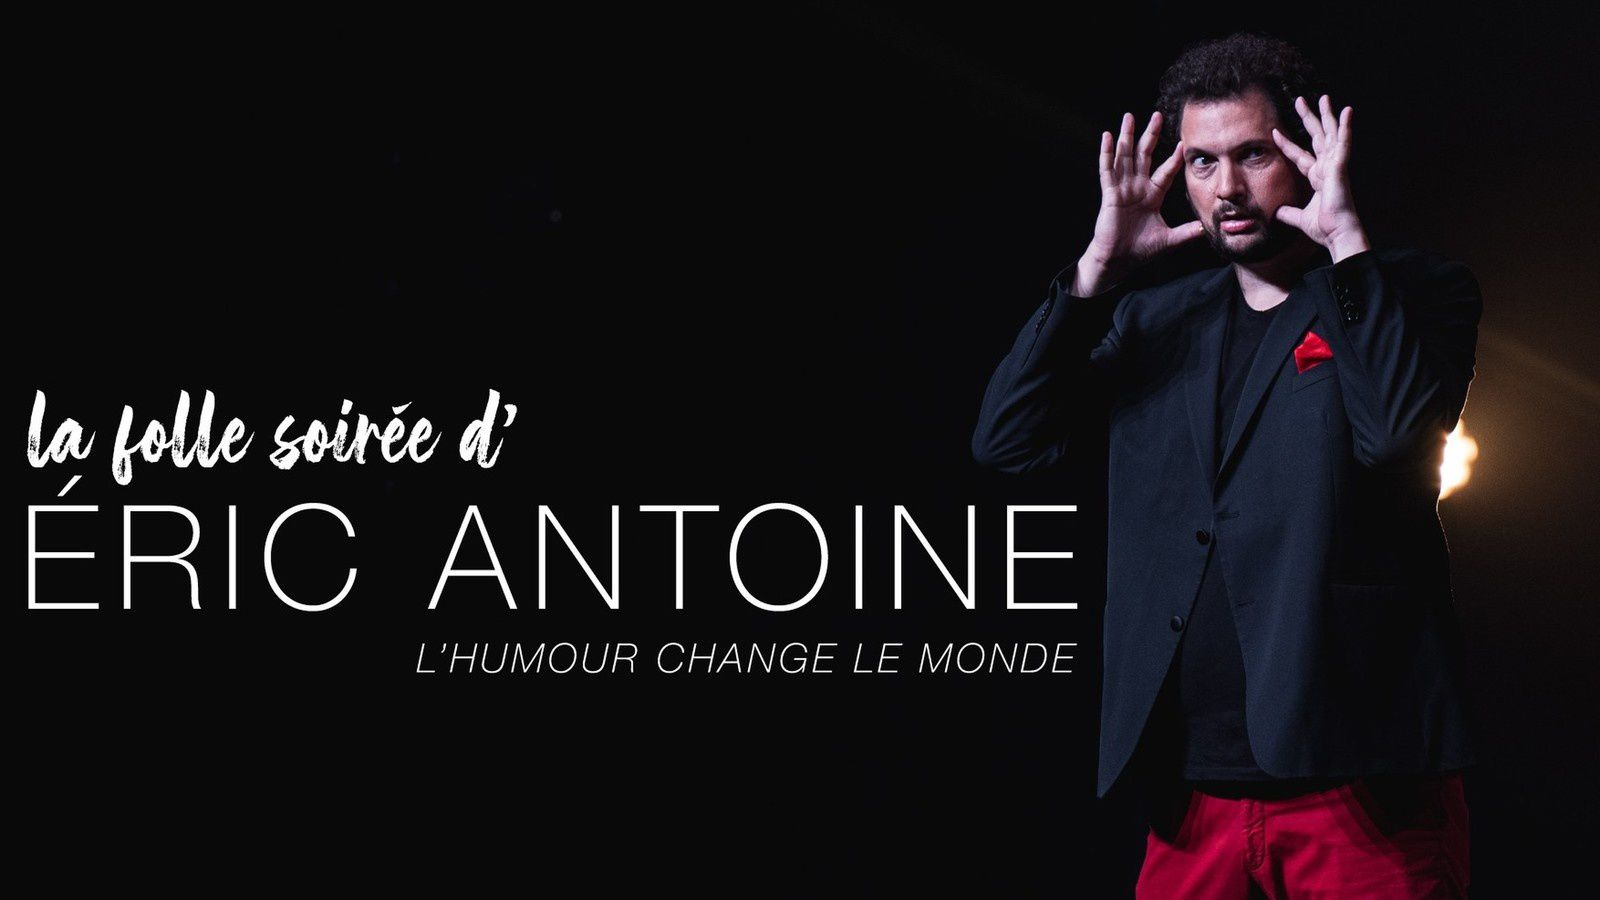 Gala La folle soirée d'Éric Antoine, ce samedi soir sur Paris Première.